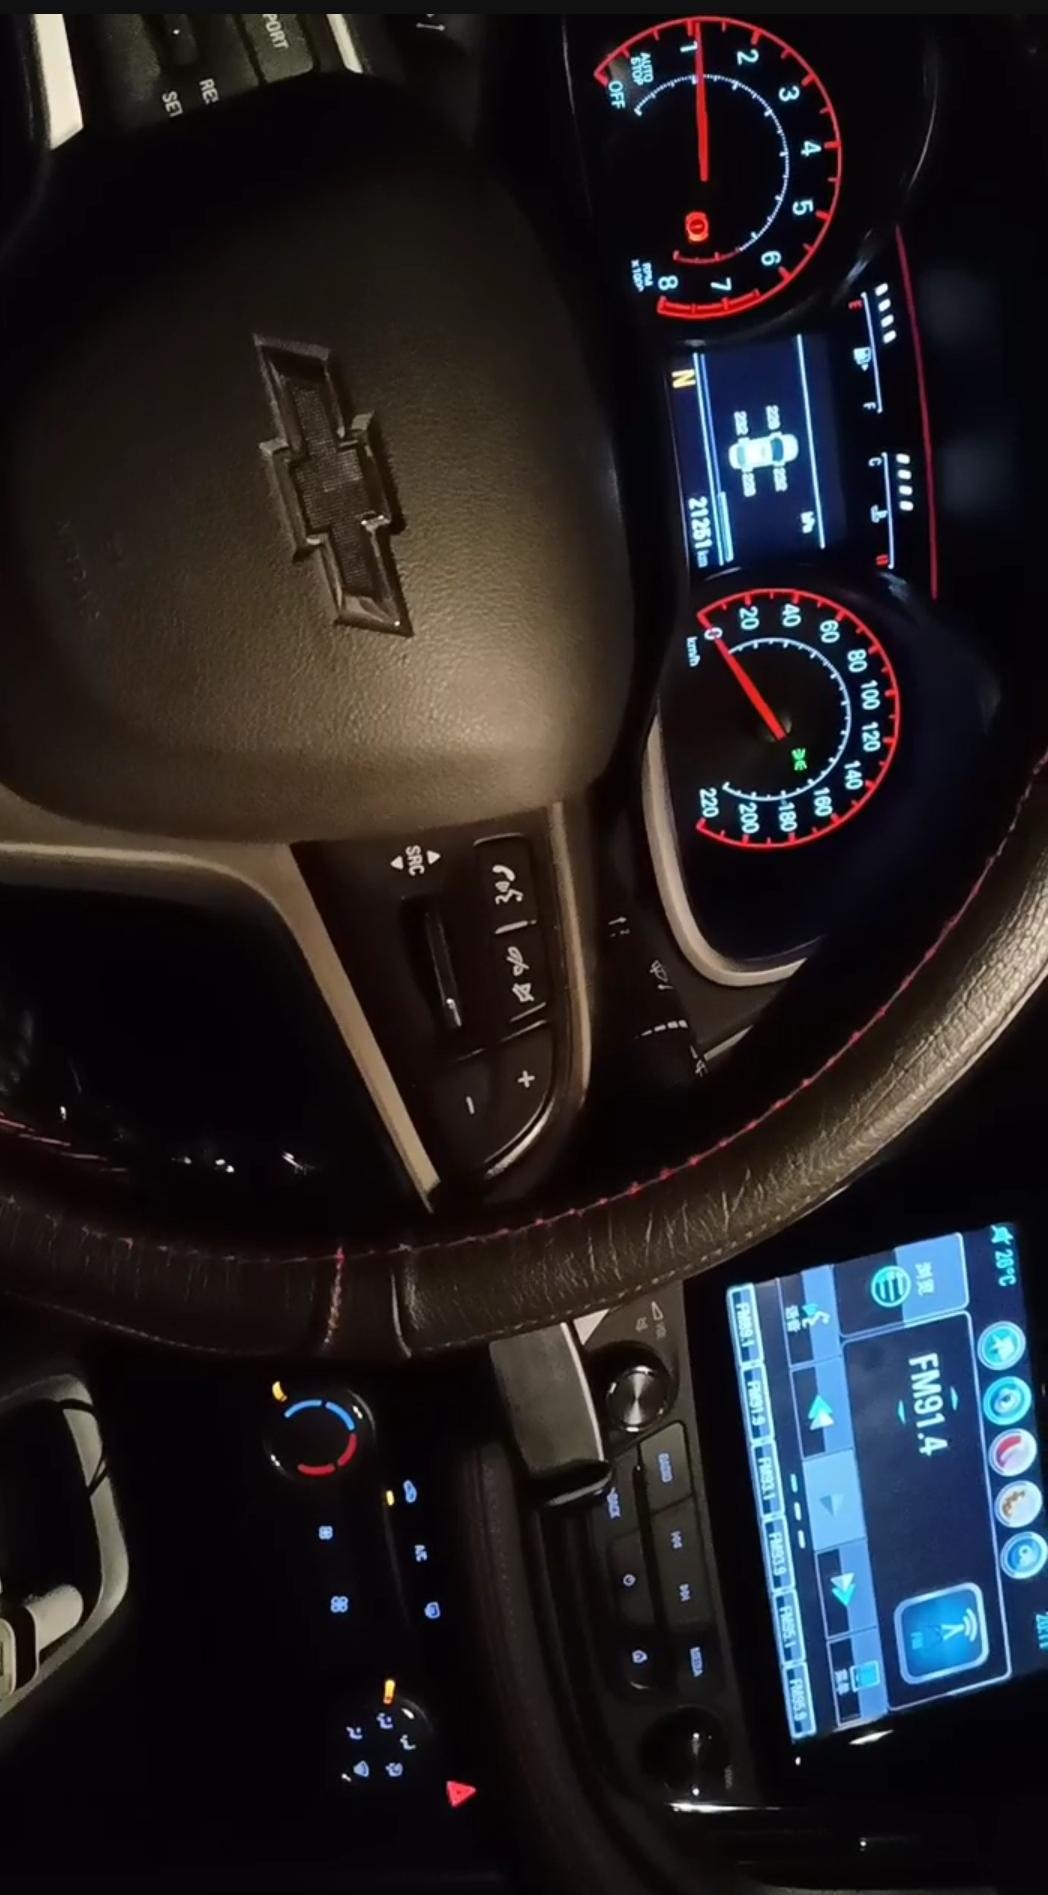 上汽通用雪佛兰-科鲁泽车辆发动机出现异响和抖动严重